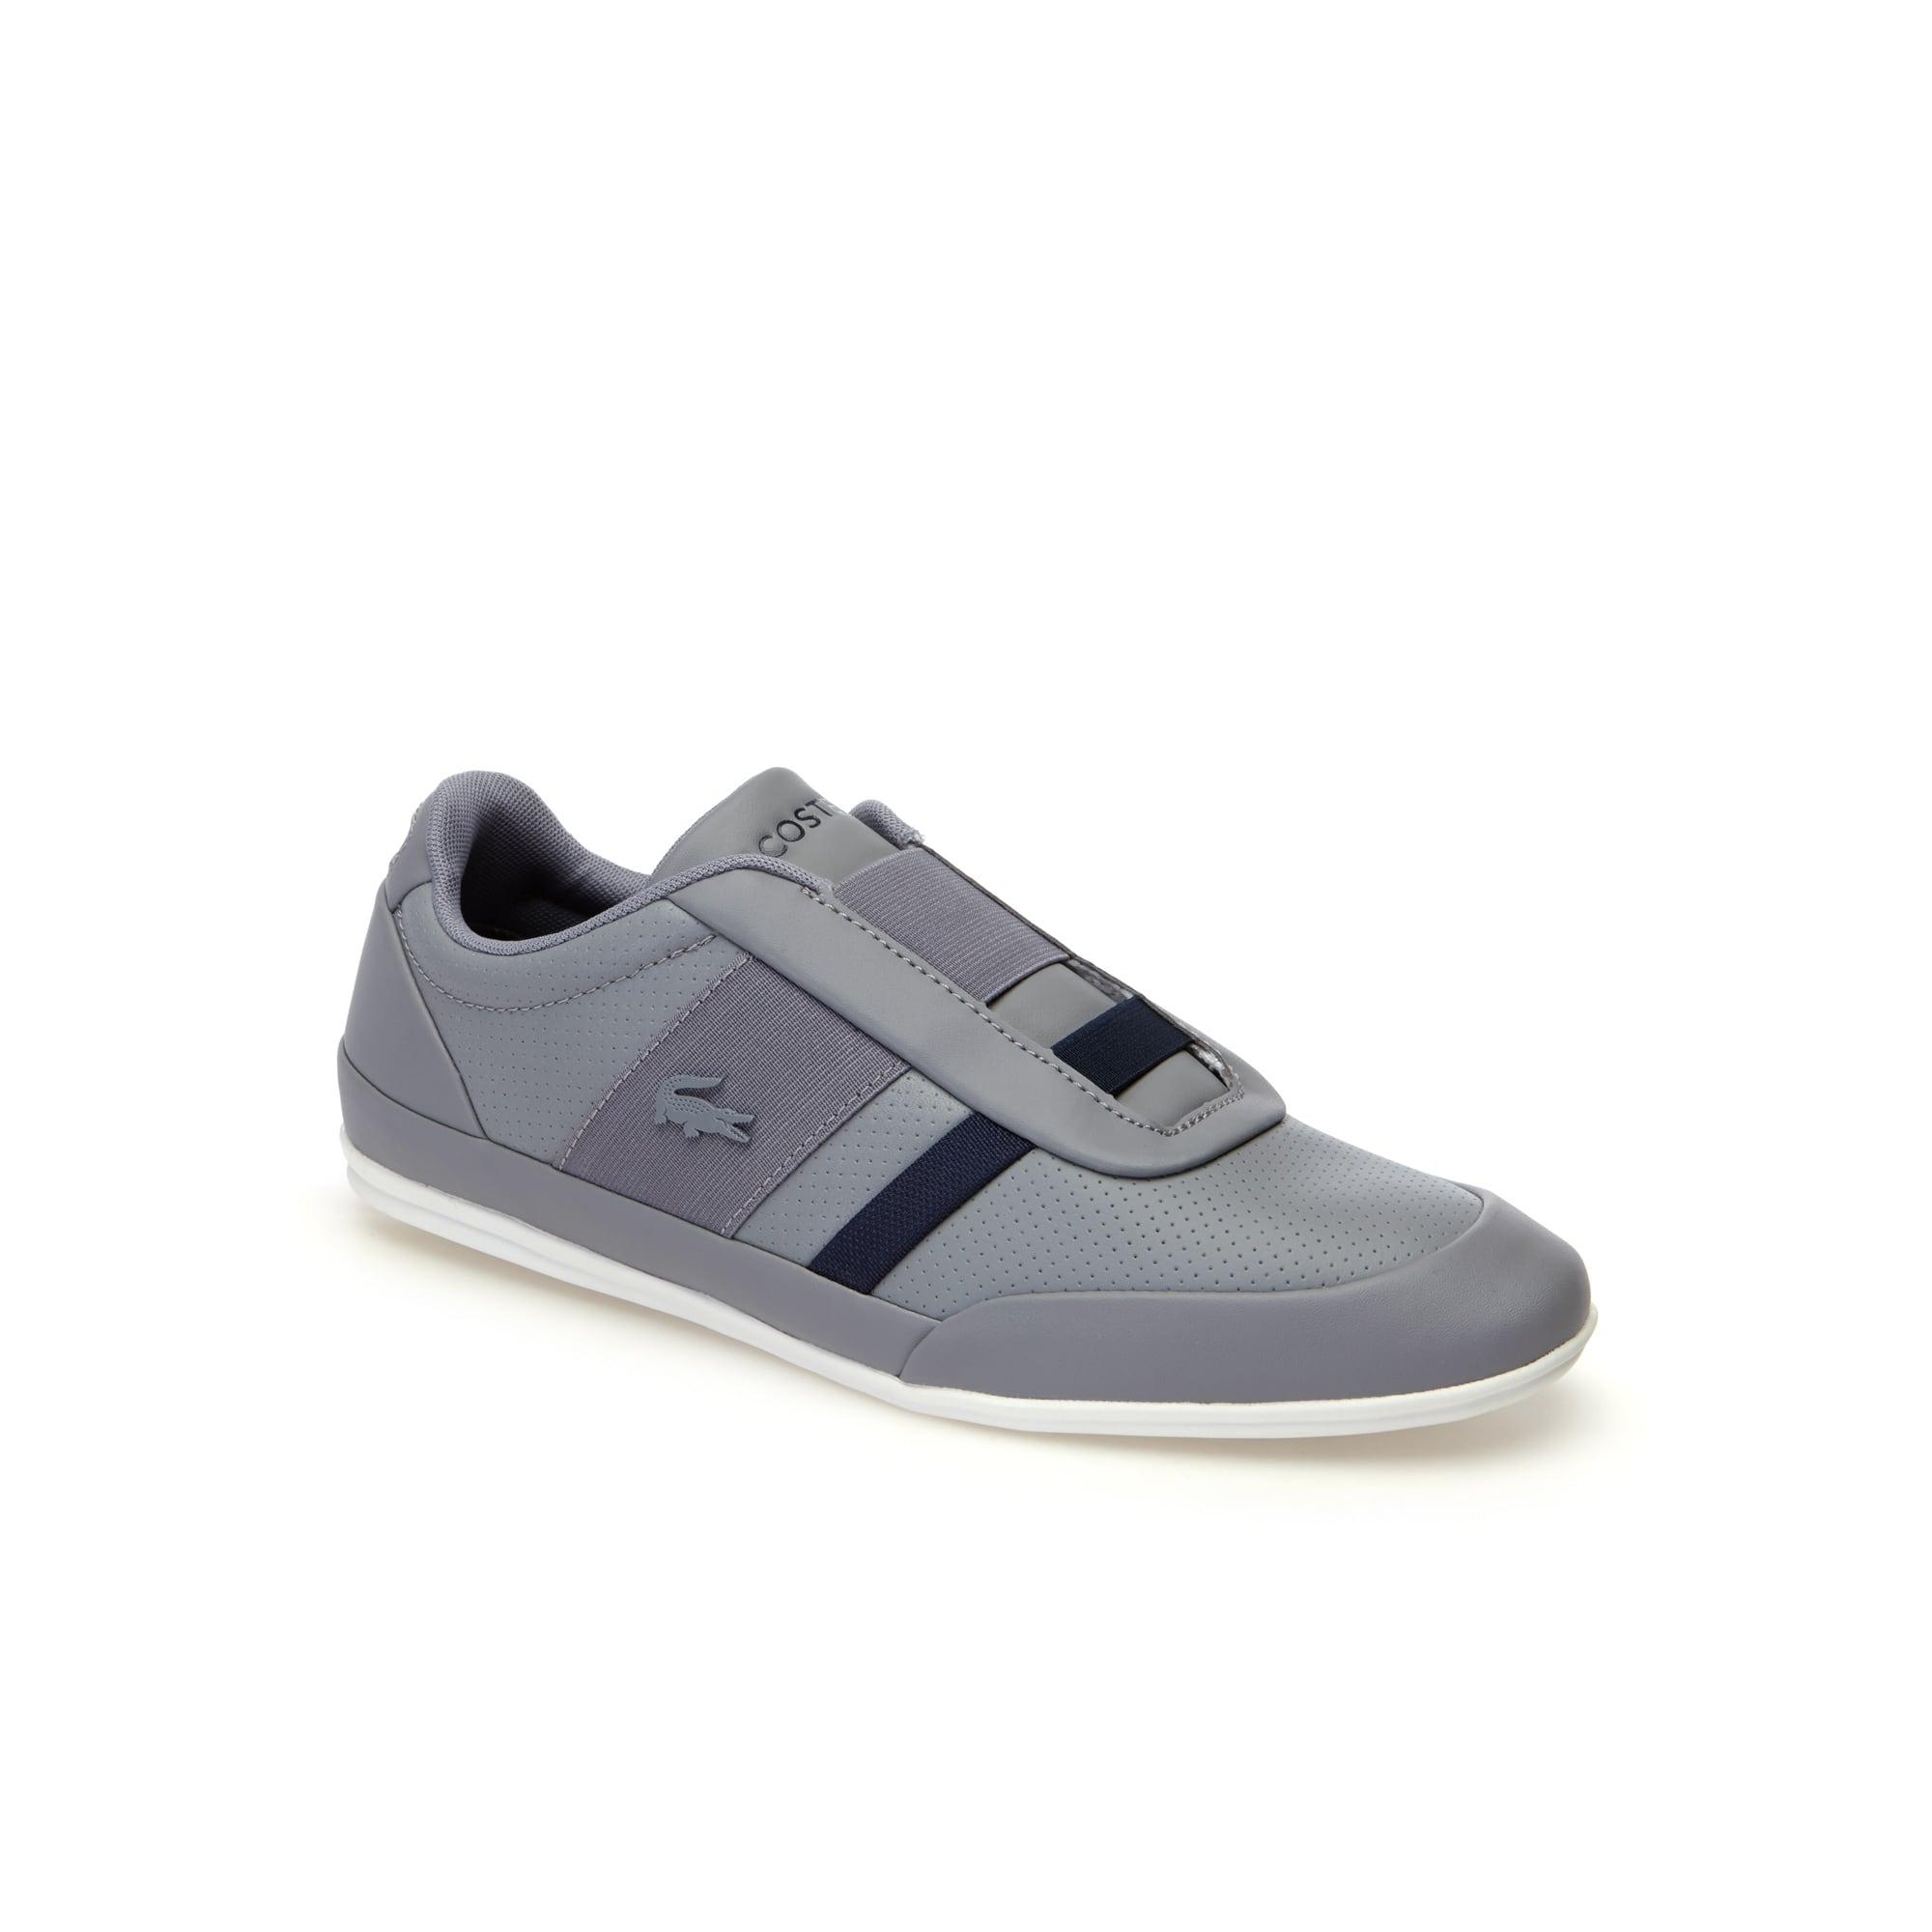 205730f8c49c Men s Shoes on Sale